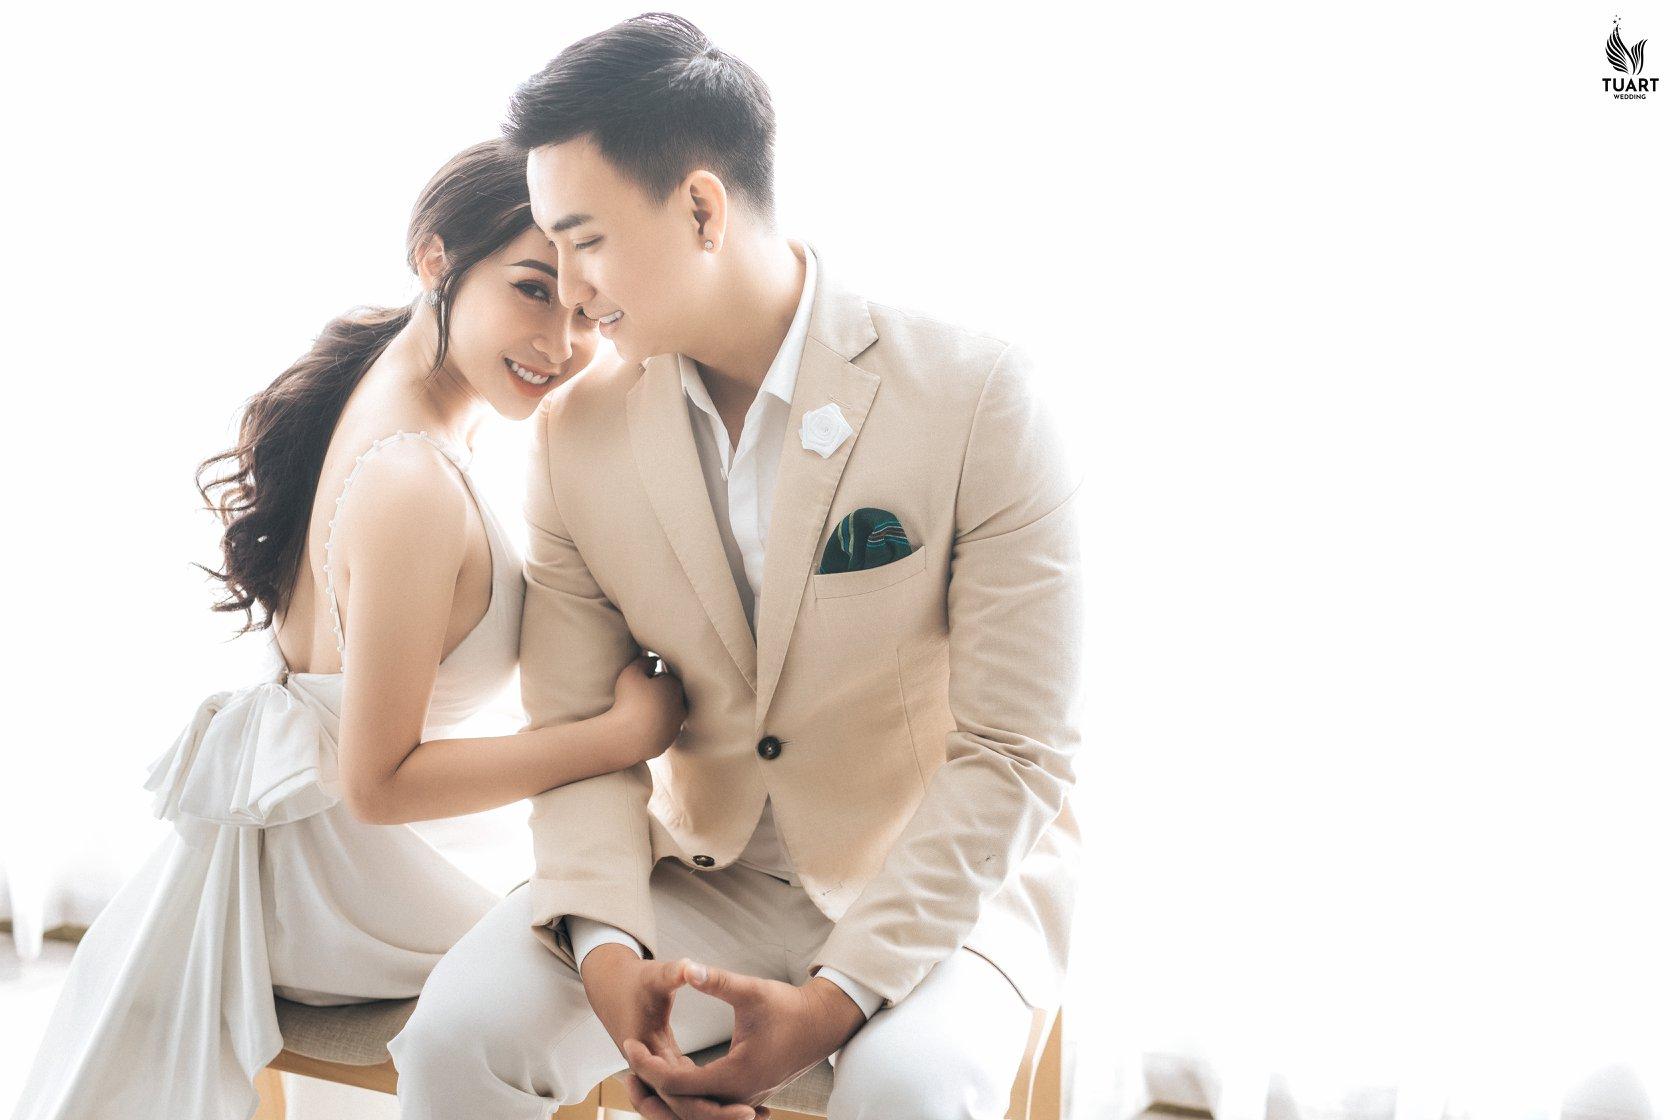 Album ảnh cưới đẹp Sài Gòn : Studio Tuart Wedding